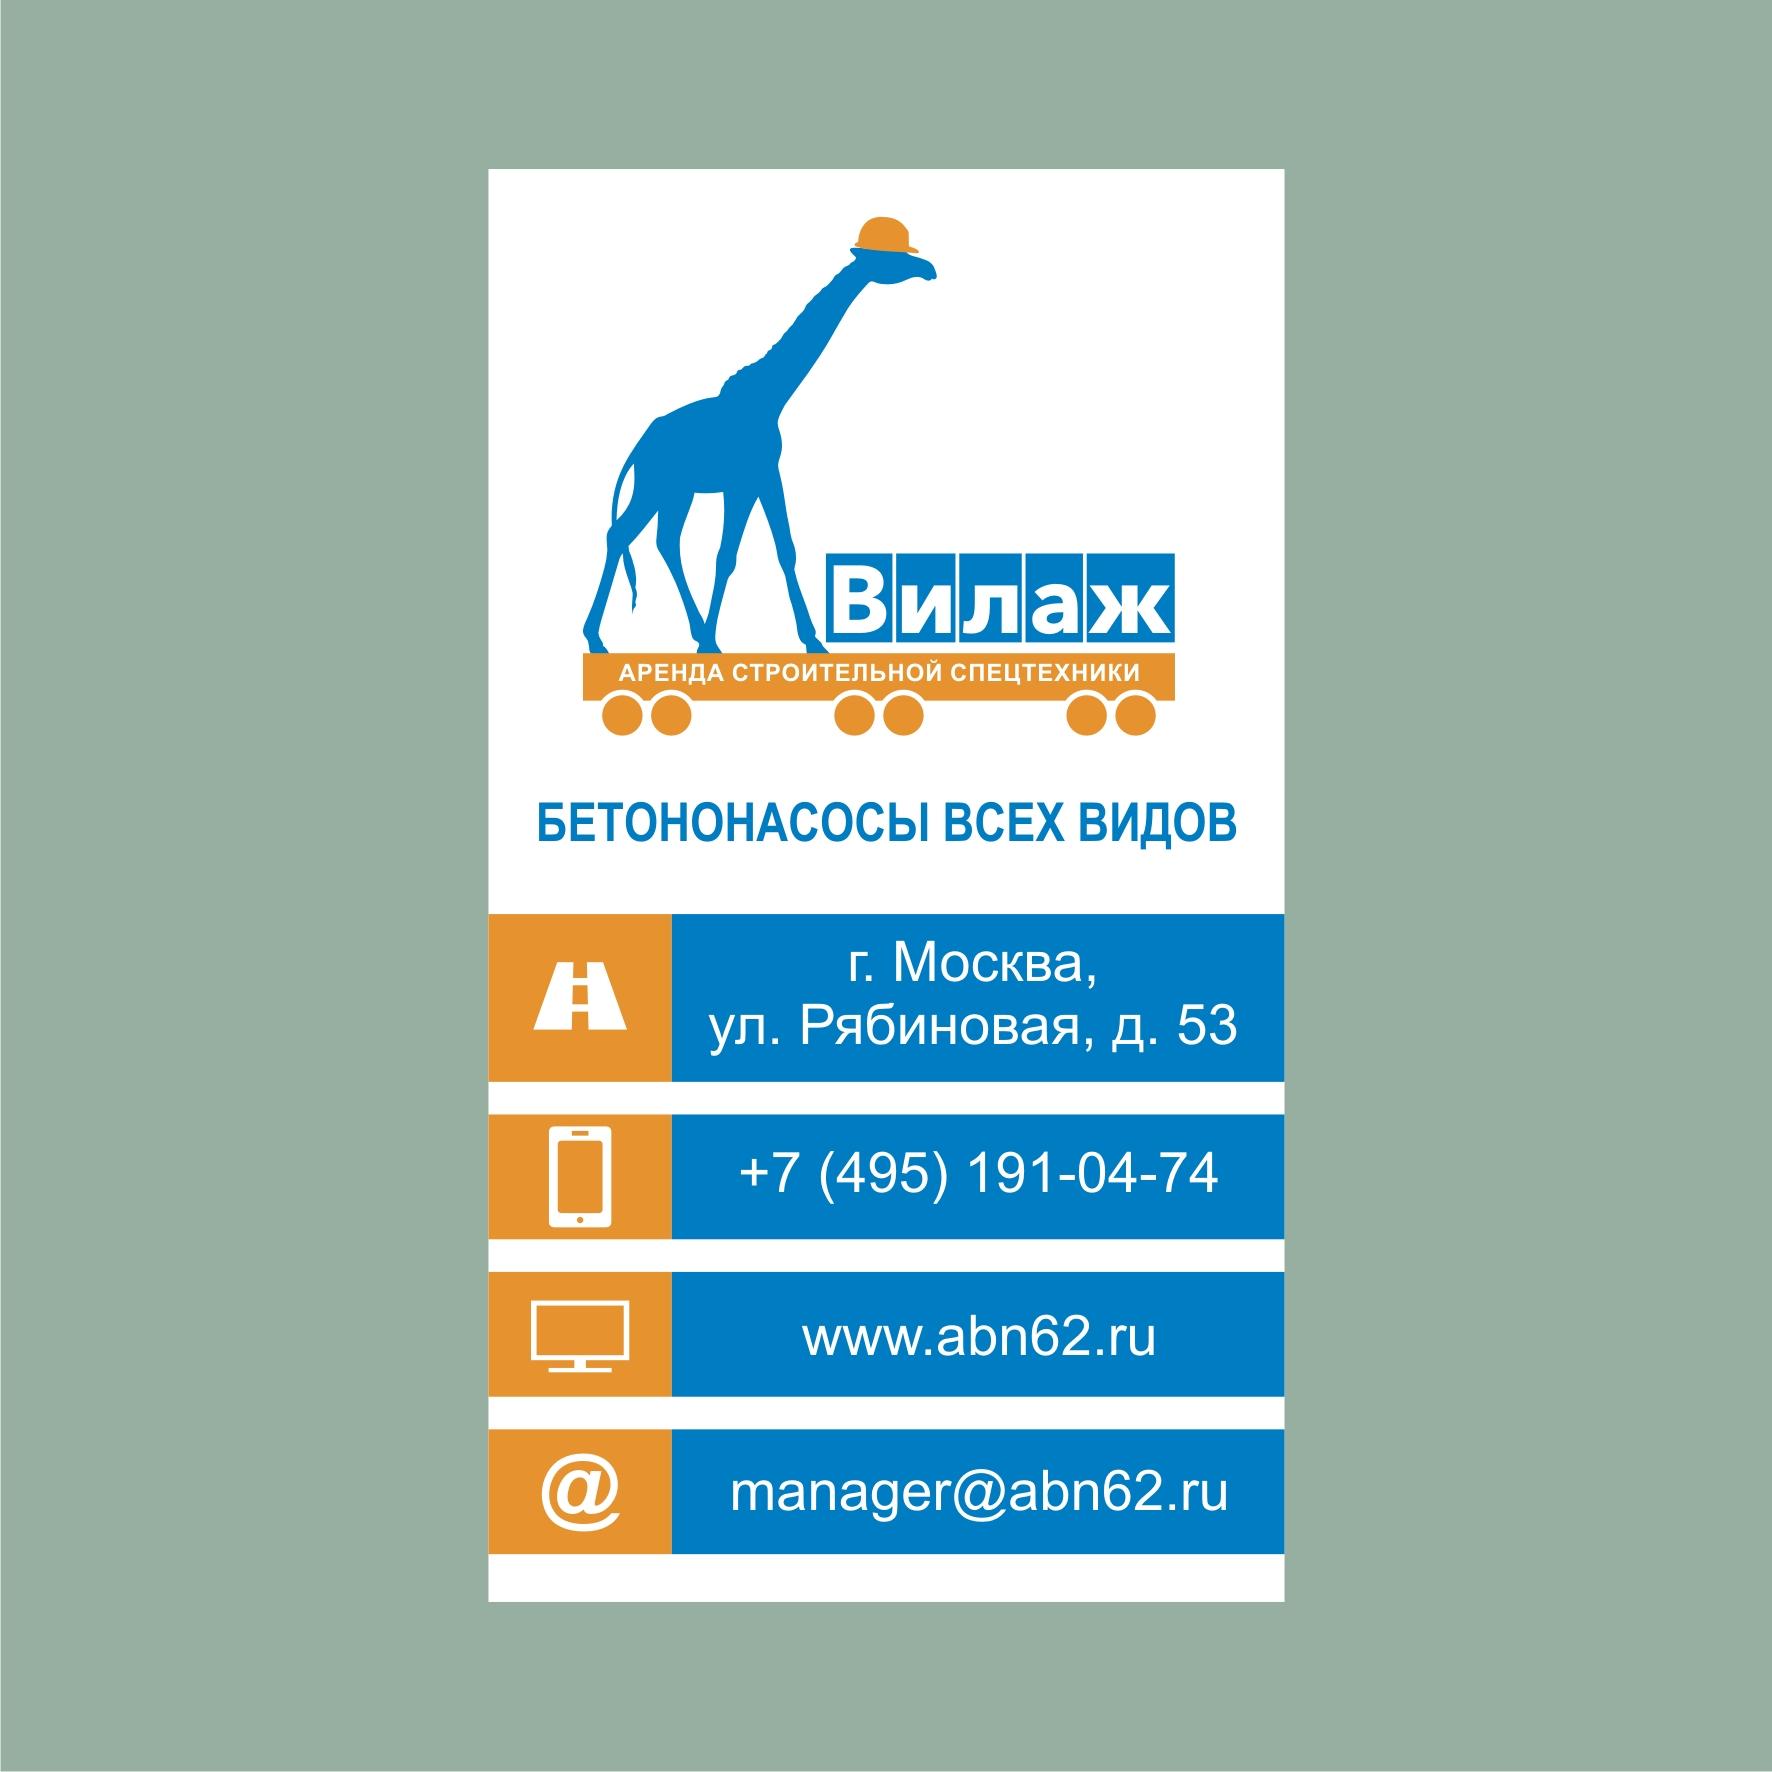 Логотип для компании по аренде спец.техники фото f_97859905e4a39541.jpg